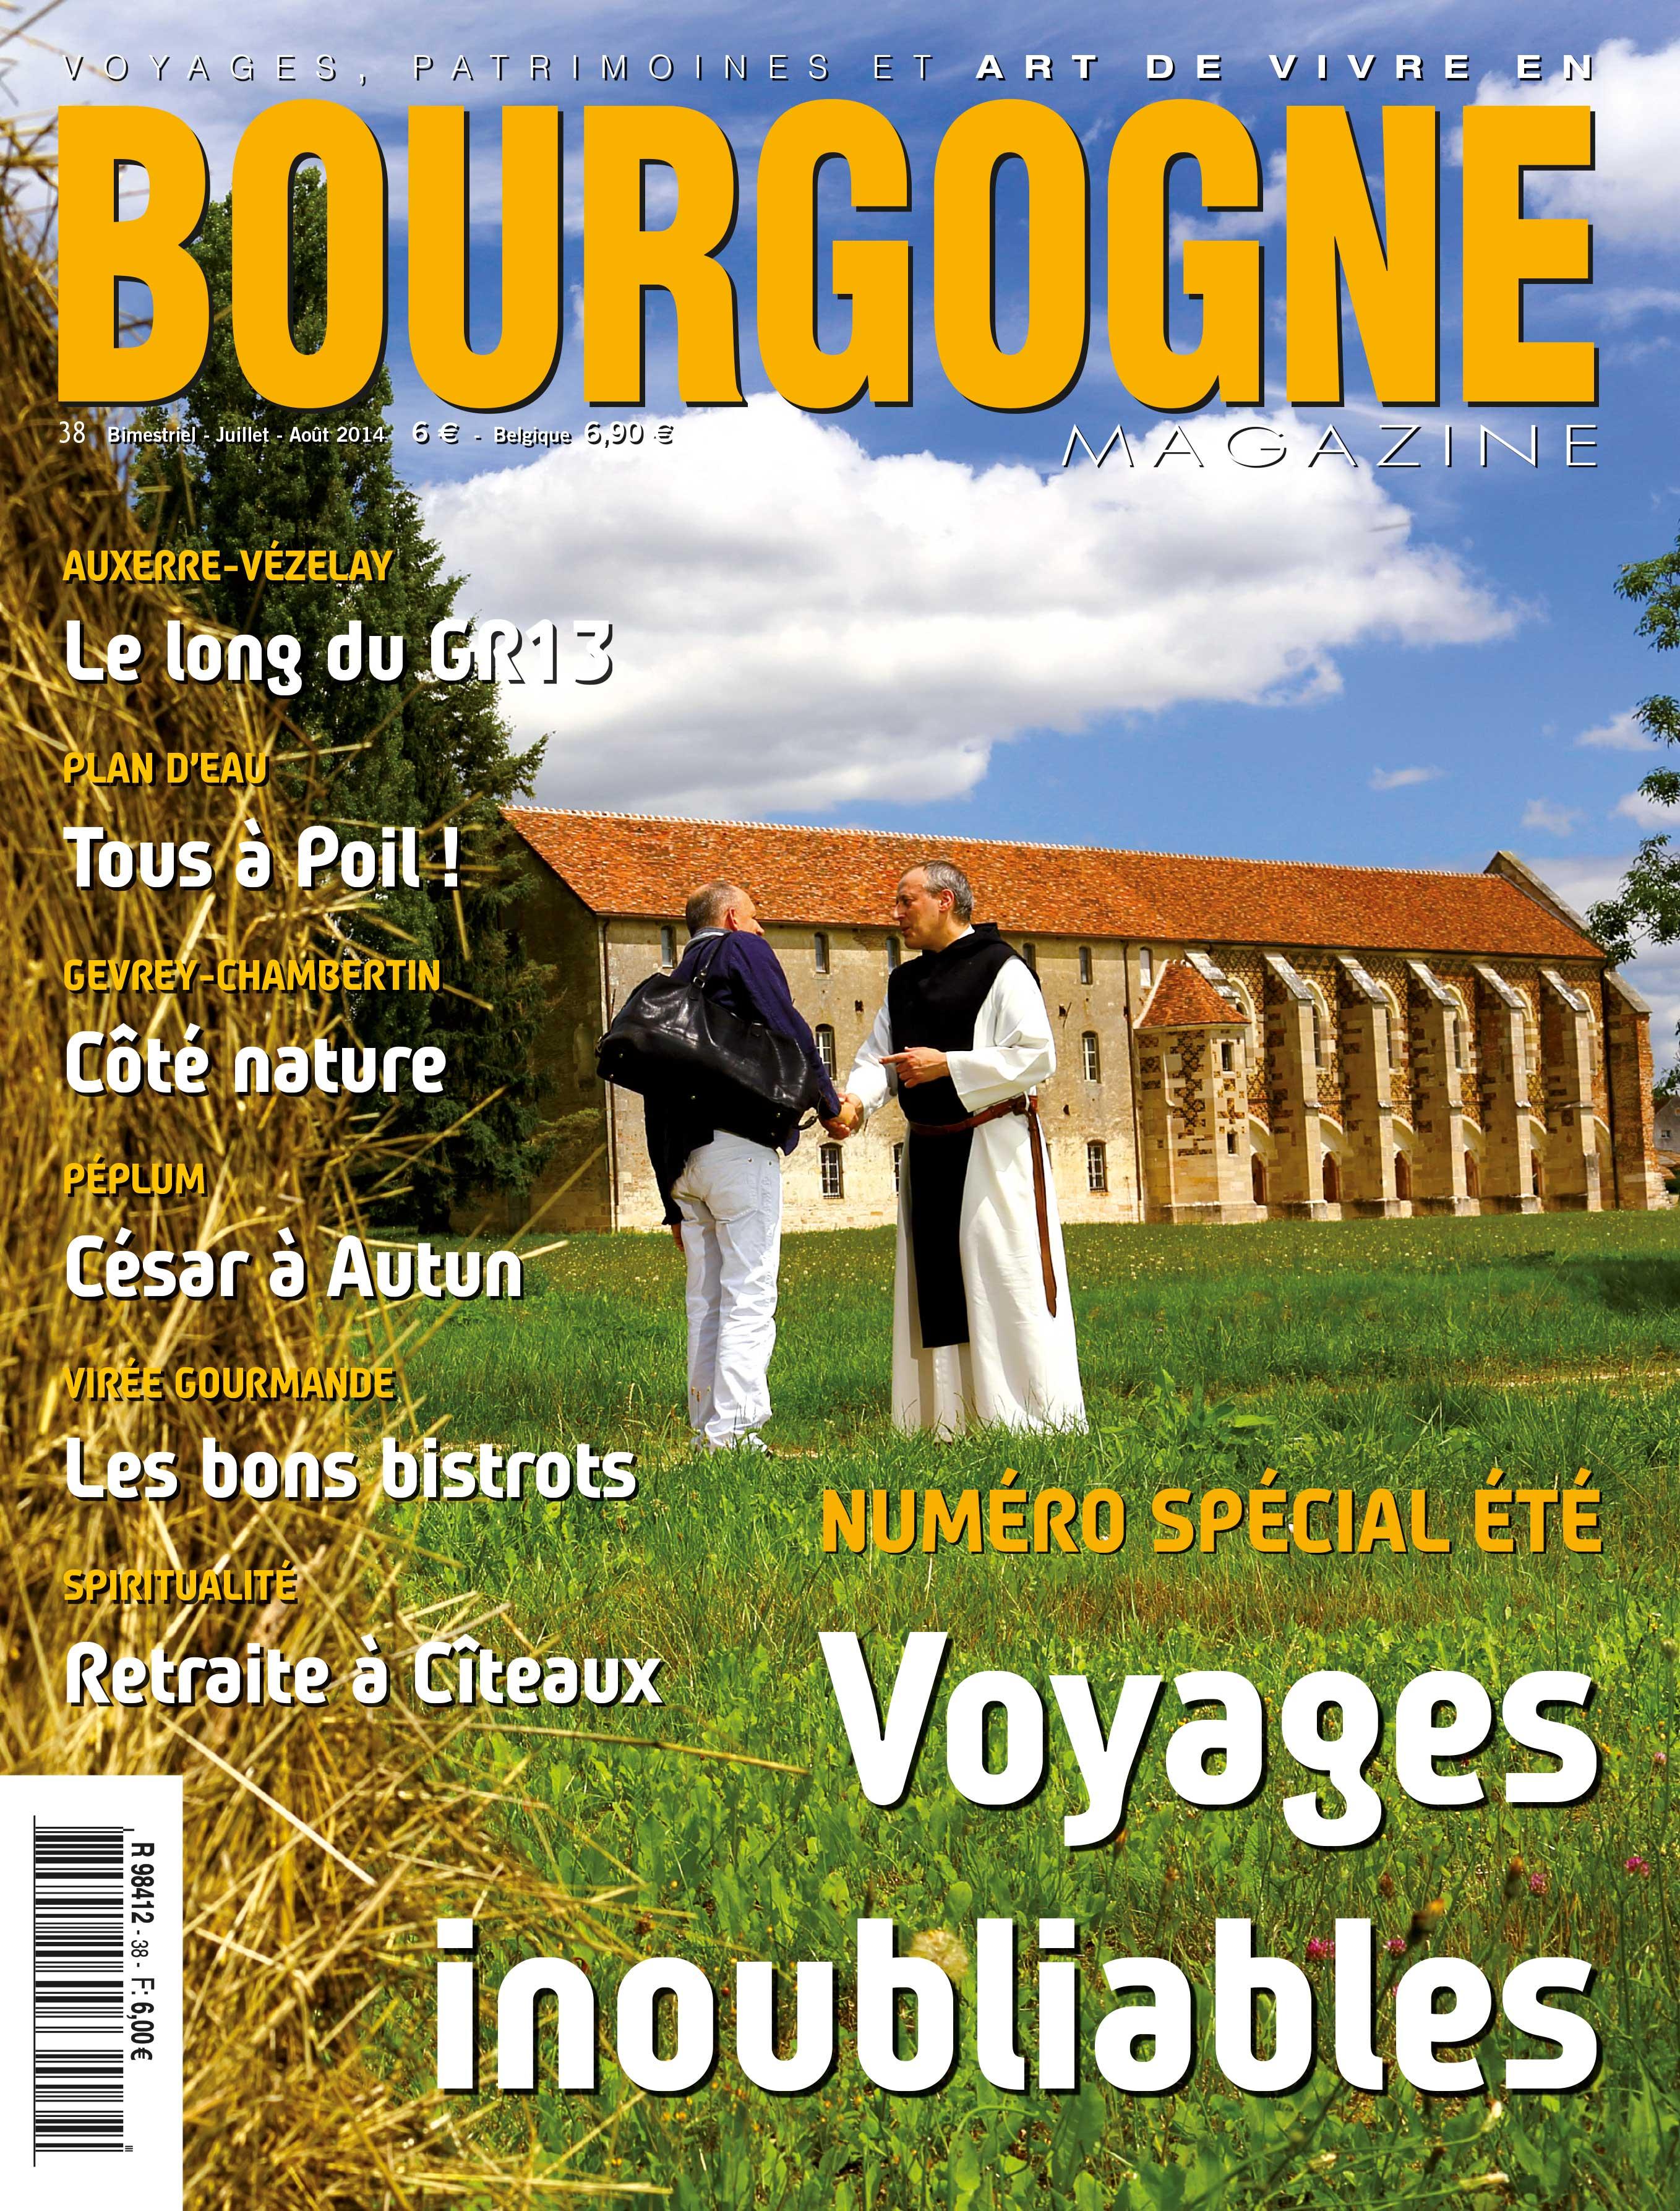 En kiosque: les voyages inoubliables de Bourgogne Magazine